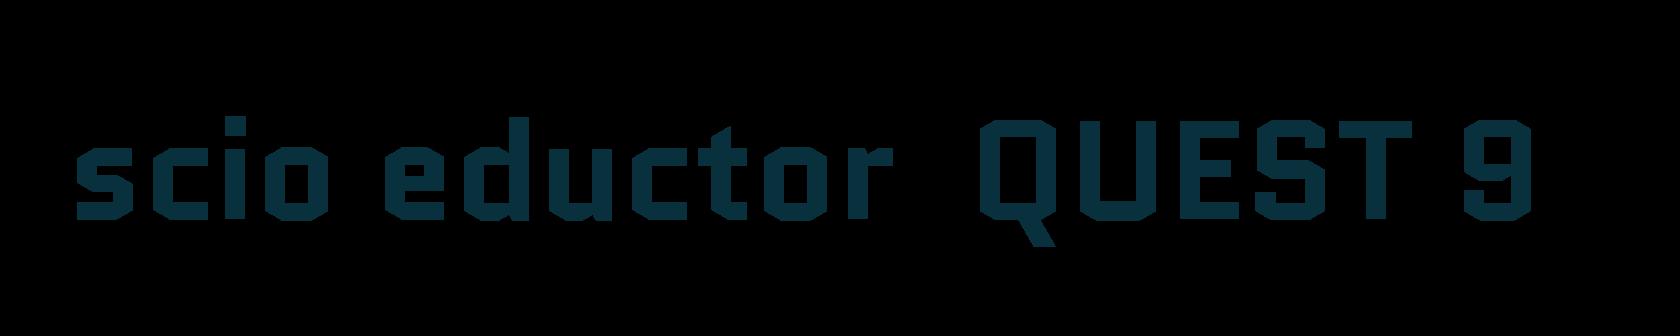 SCIO Eductor